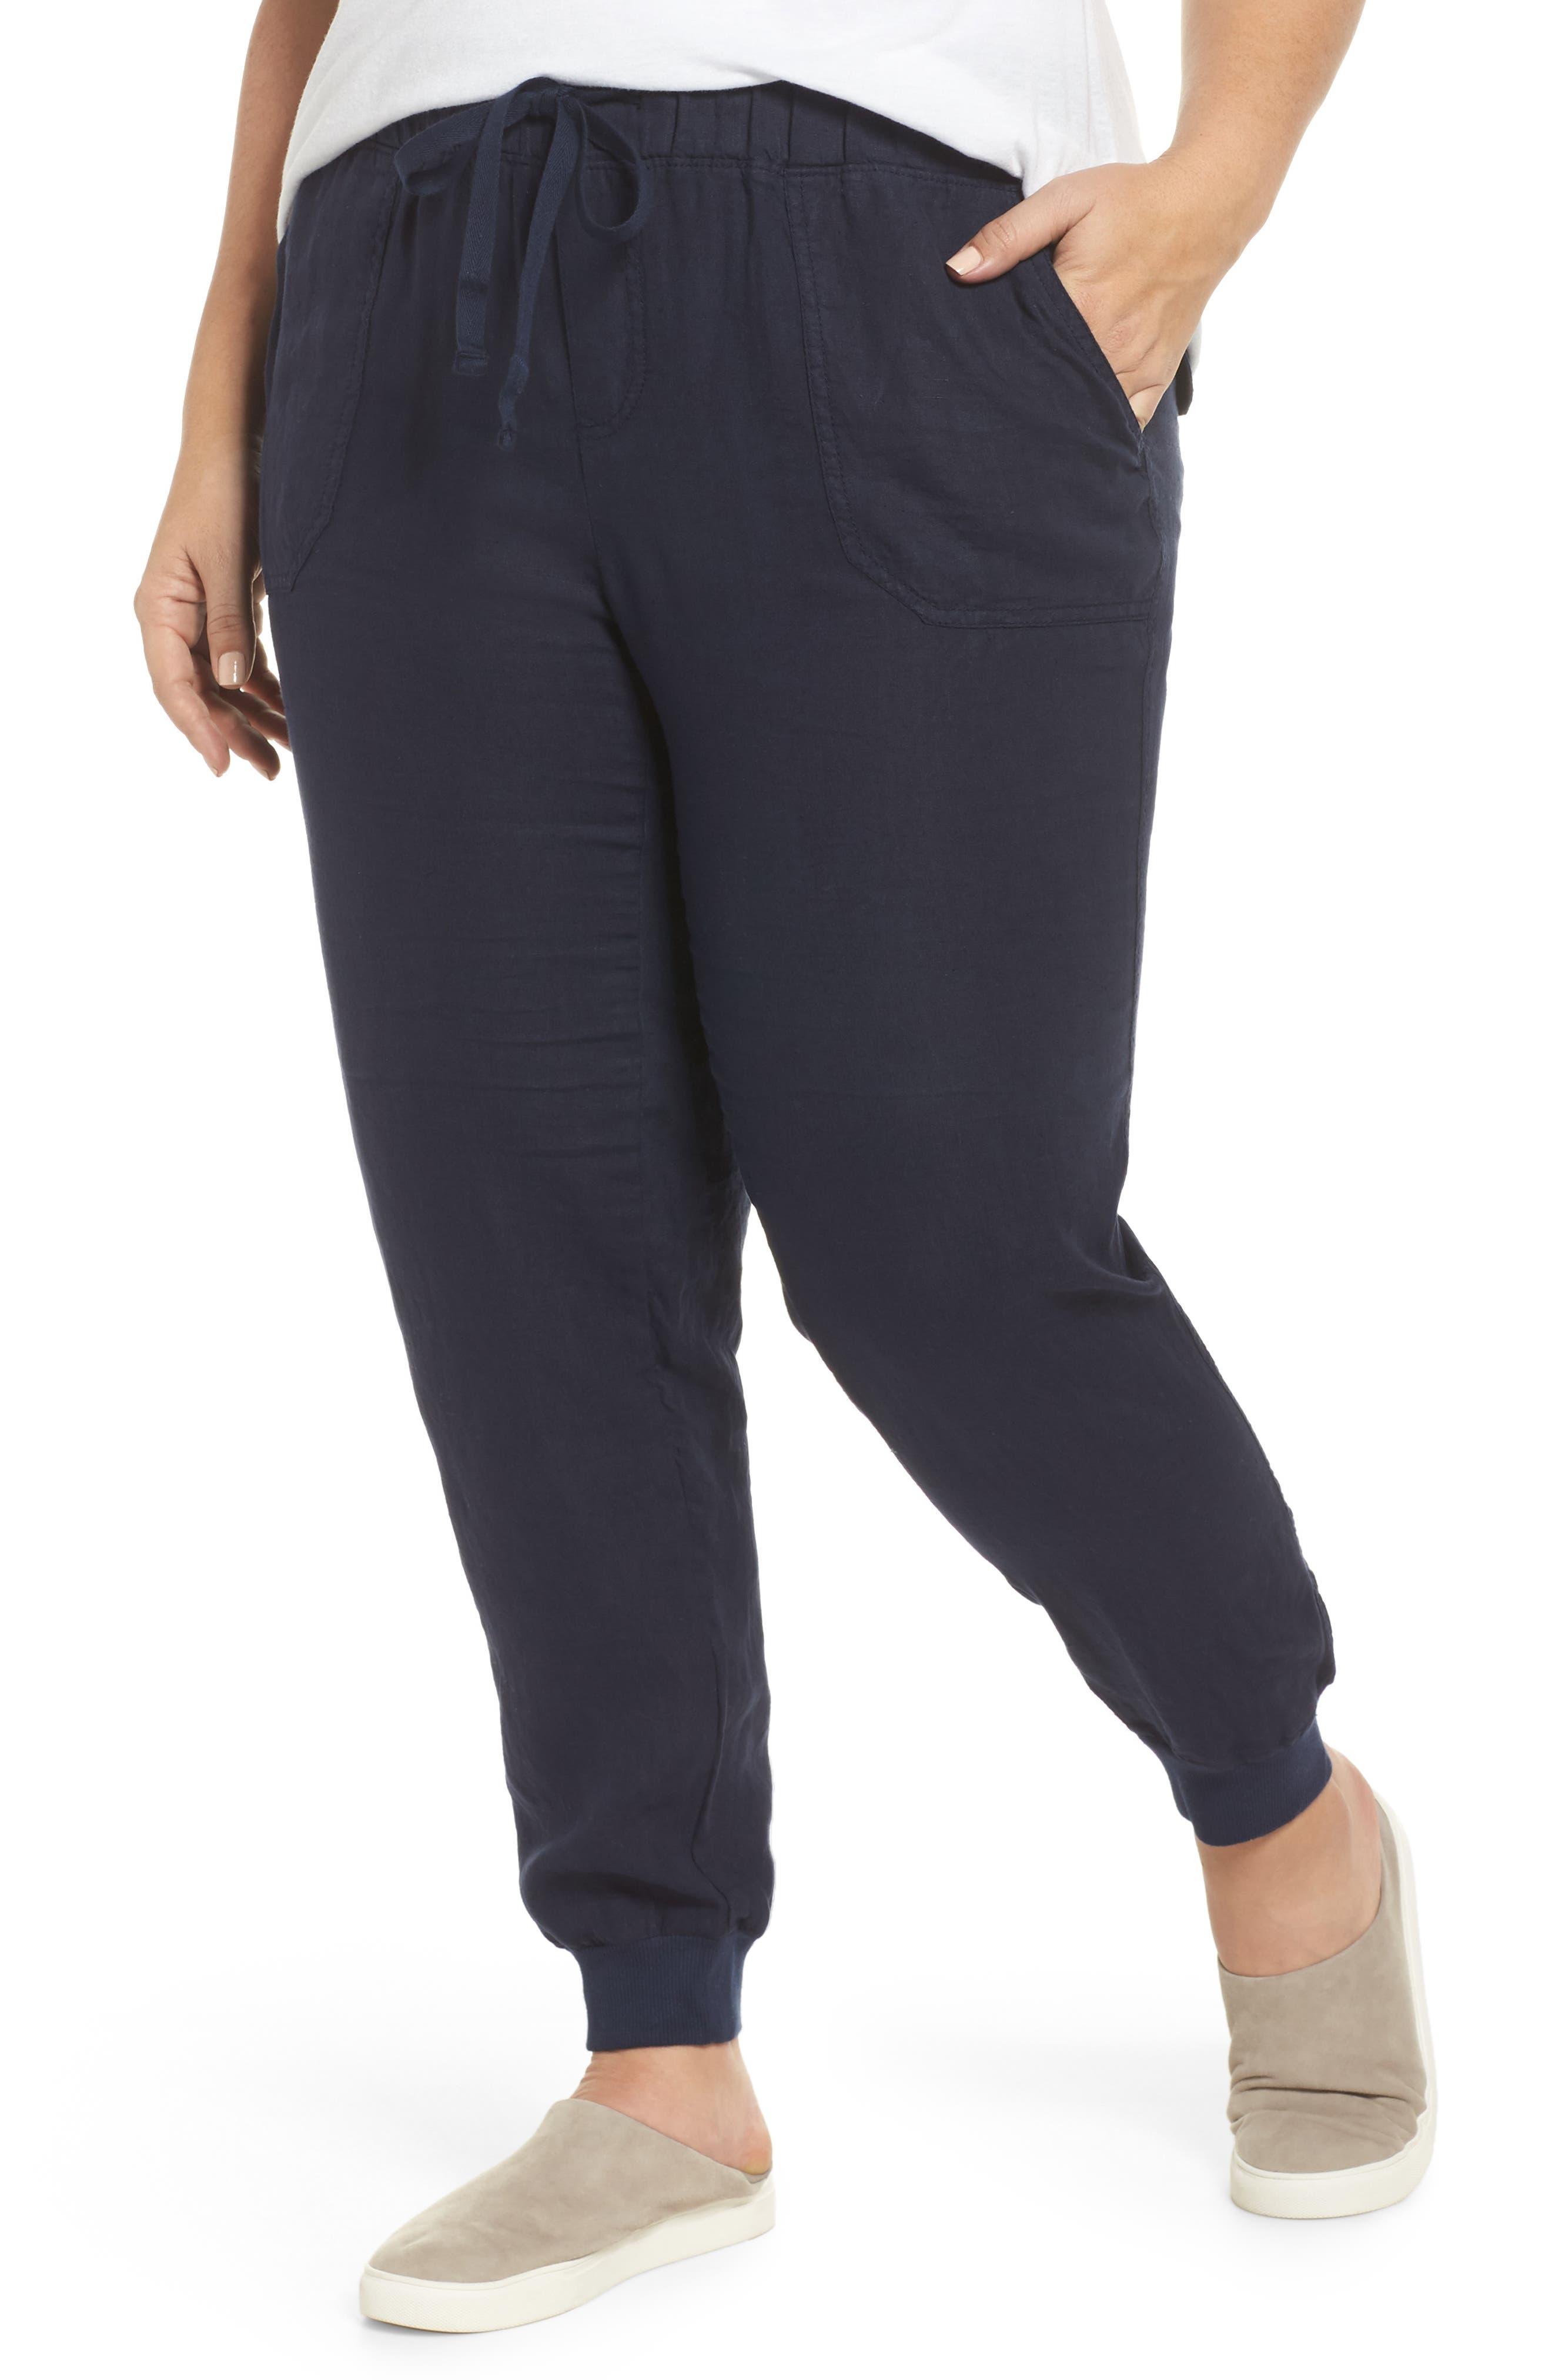 Plus Size Women's Caslon Drawstring Linen Joggers